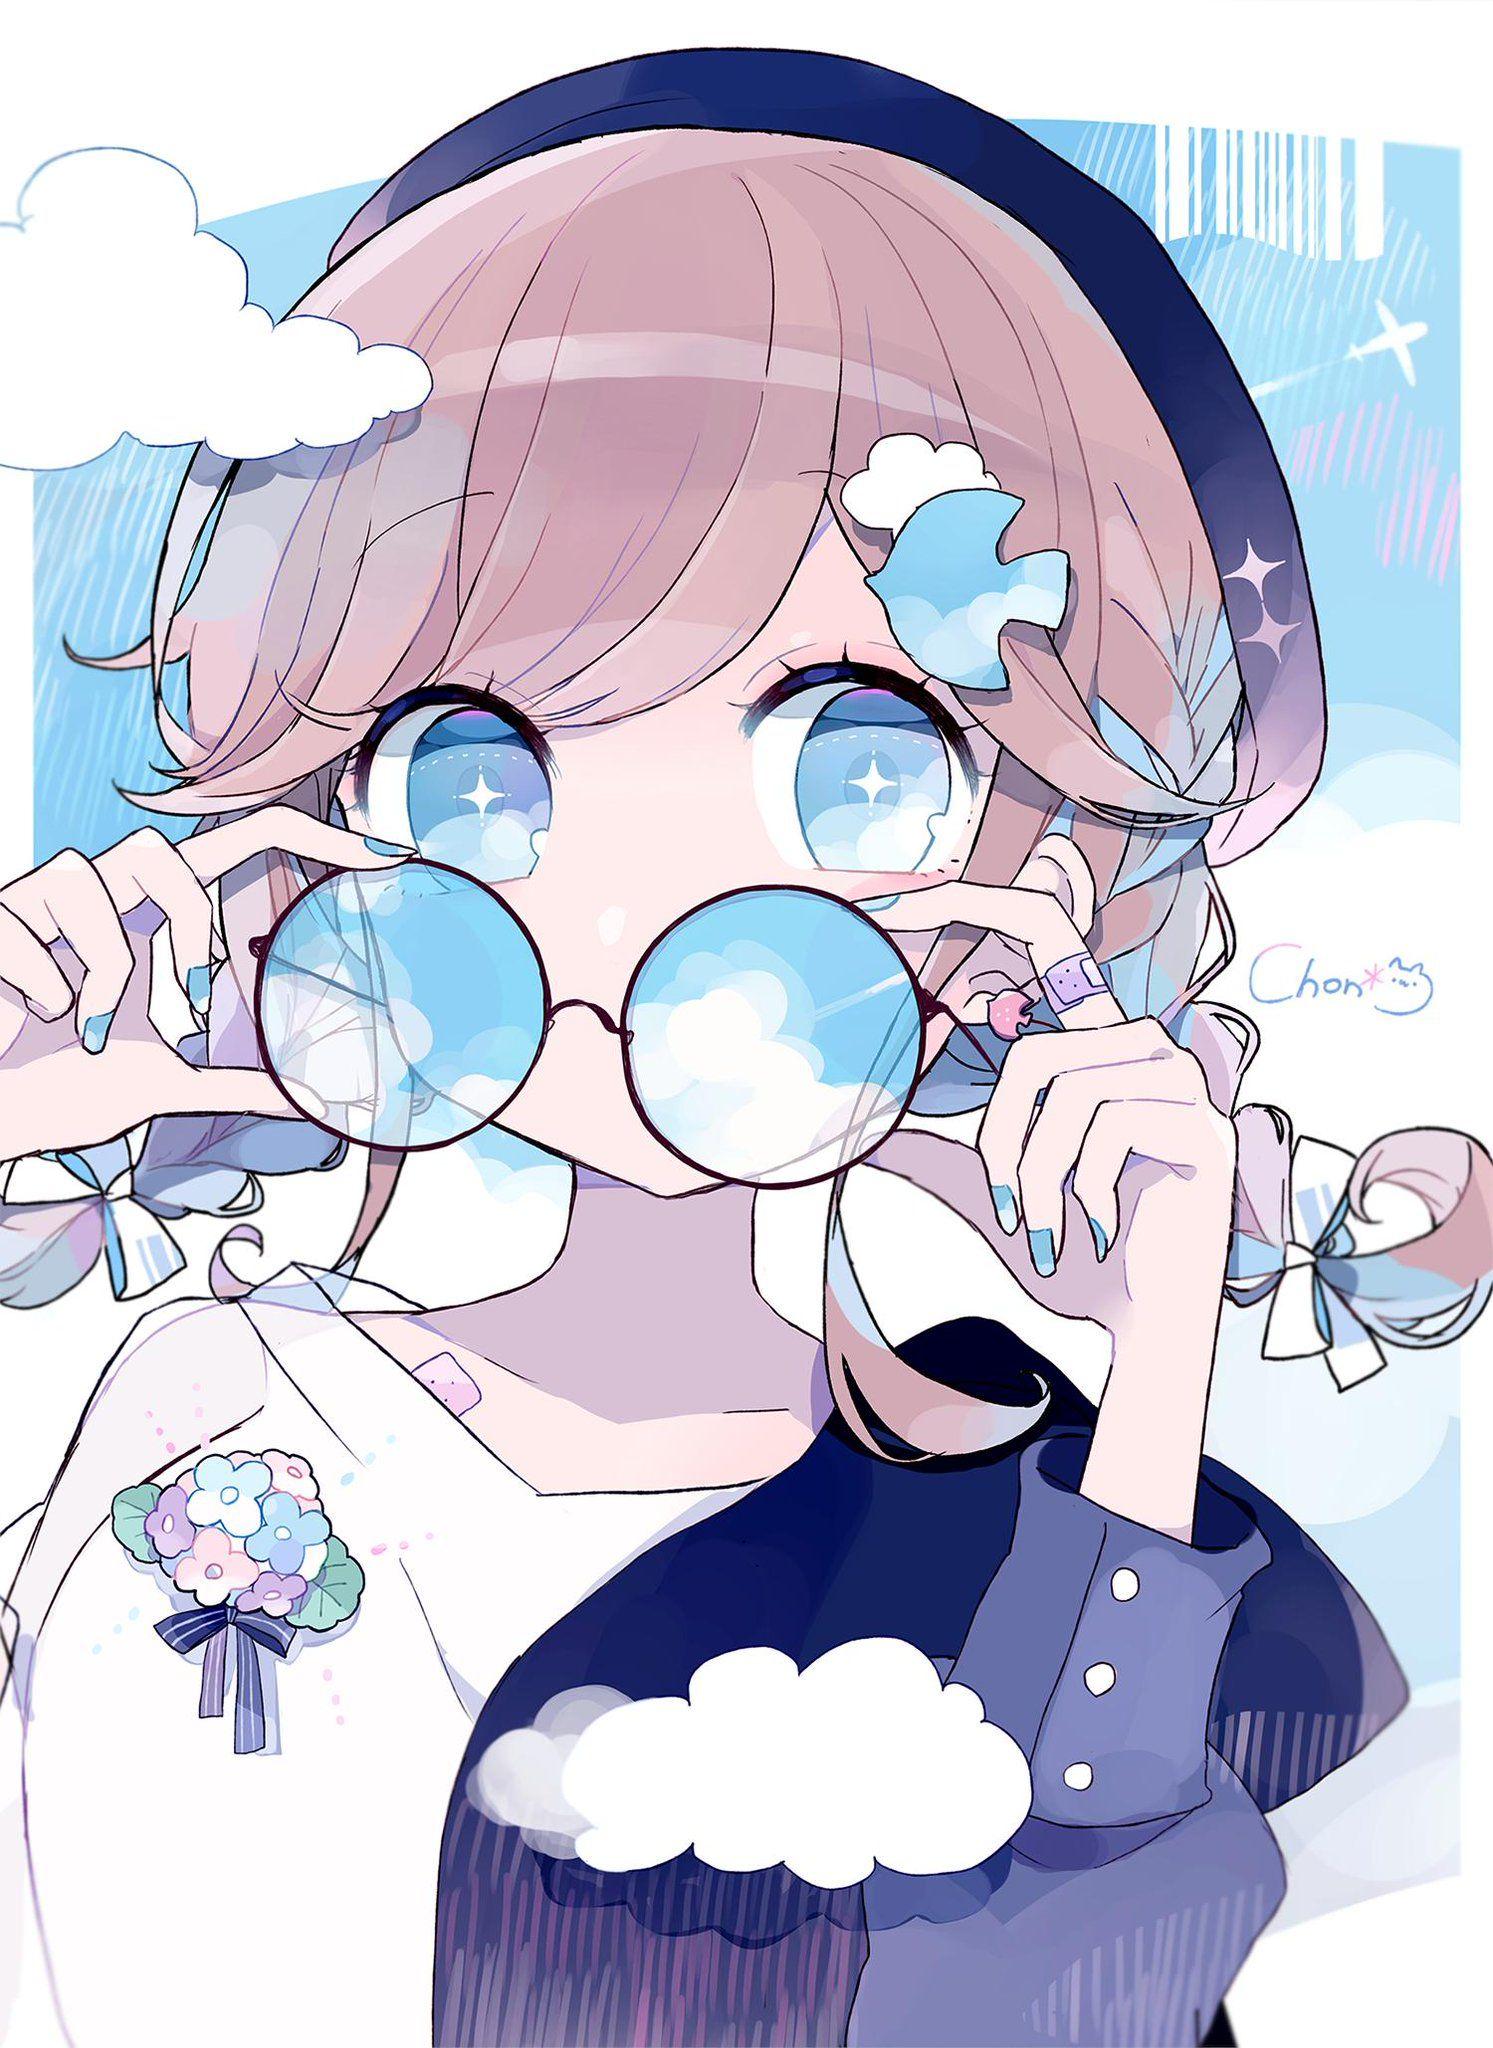 ちょん*🕊コミティア/こ06a on Anime, Anime characters, Kawaii anime